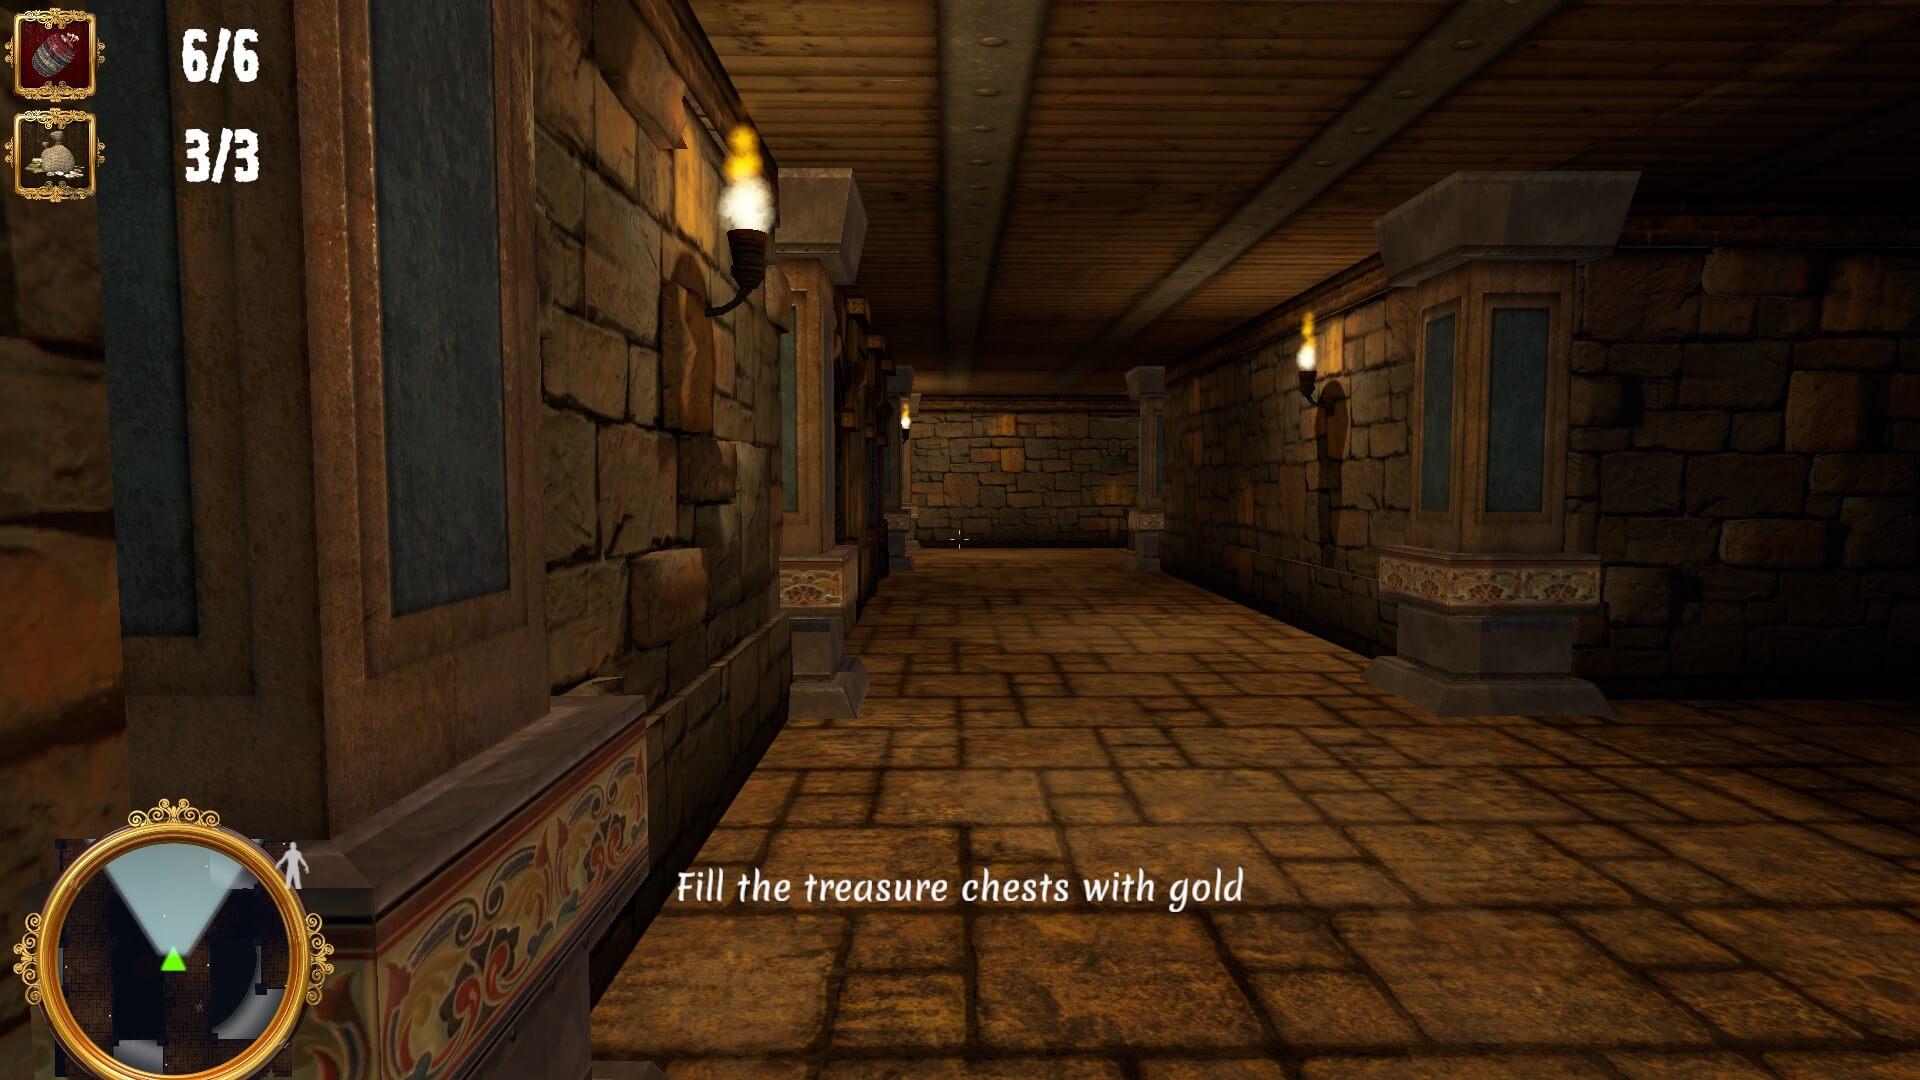 The Caretaker – Dungeon Nightshift: Lange Wege bei der Hausmeisterarbeit (Bildrechte: Bluebox Interactive)